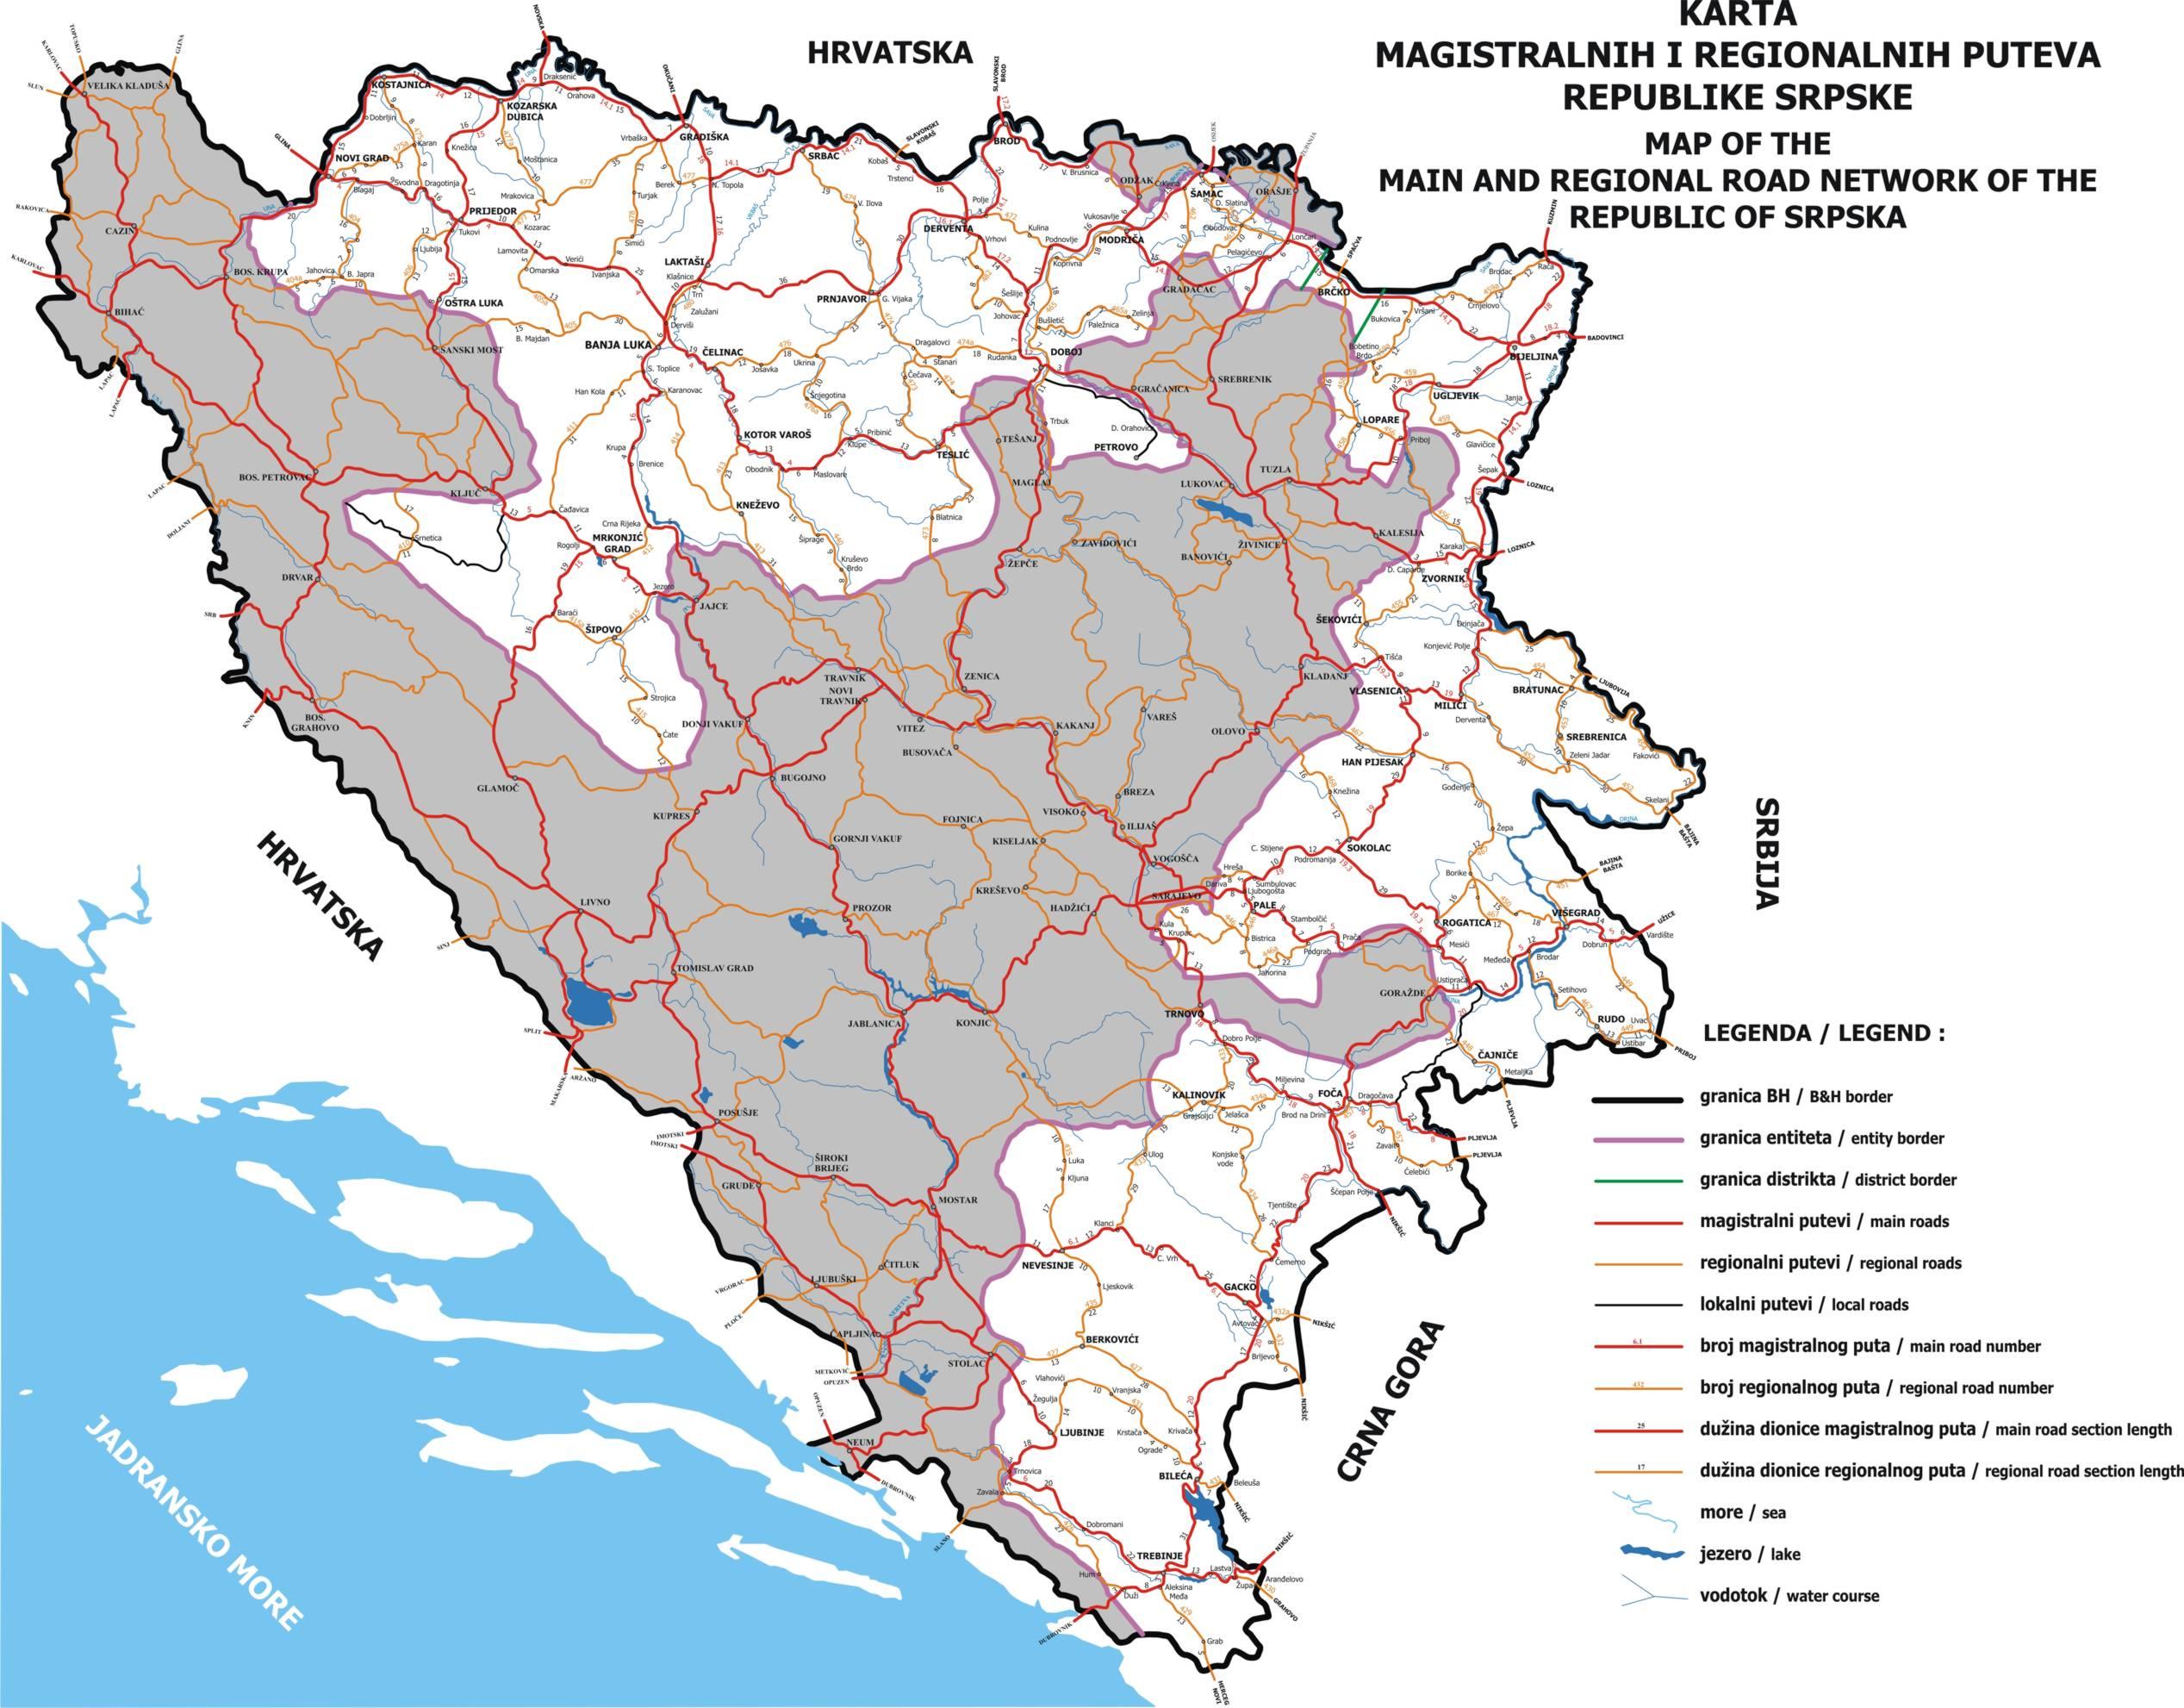 Mapa Republike Srpske